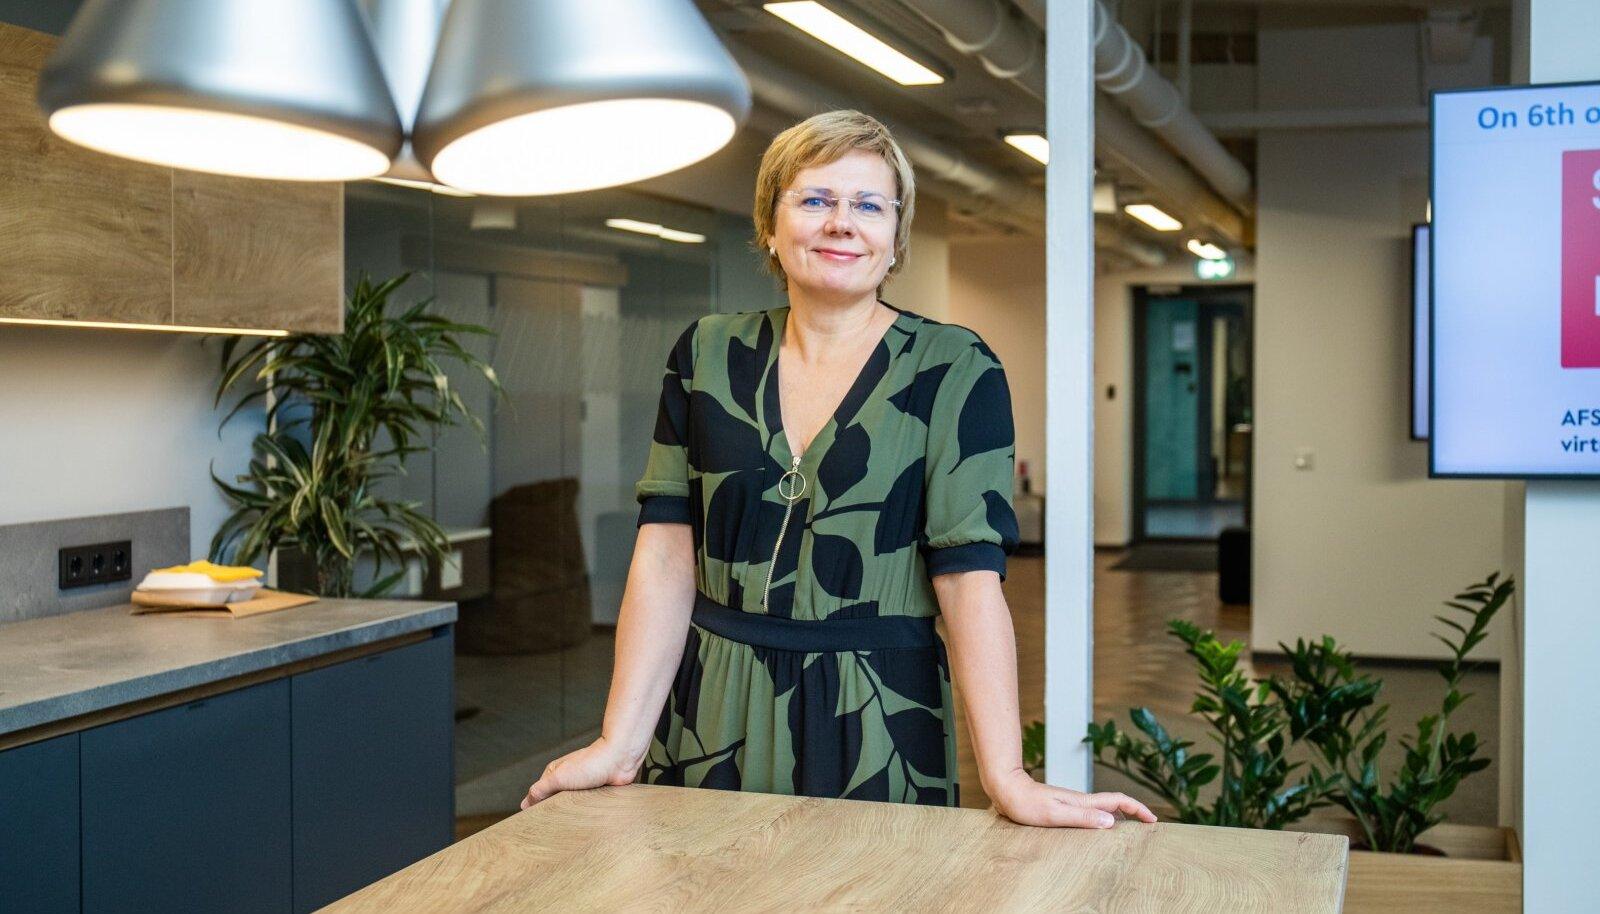 AFS IT Services Estonia 140 töötajast 55% on välismaalased. Firma juhi Agnes Maki sõnul haritud ja kosmopoliitne IT-spetsialist ainult rikastab Eestit, mitte ei võta siit midagi ära.